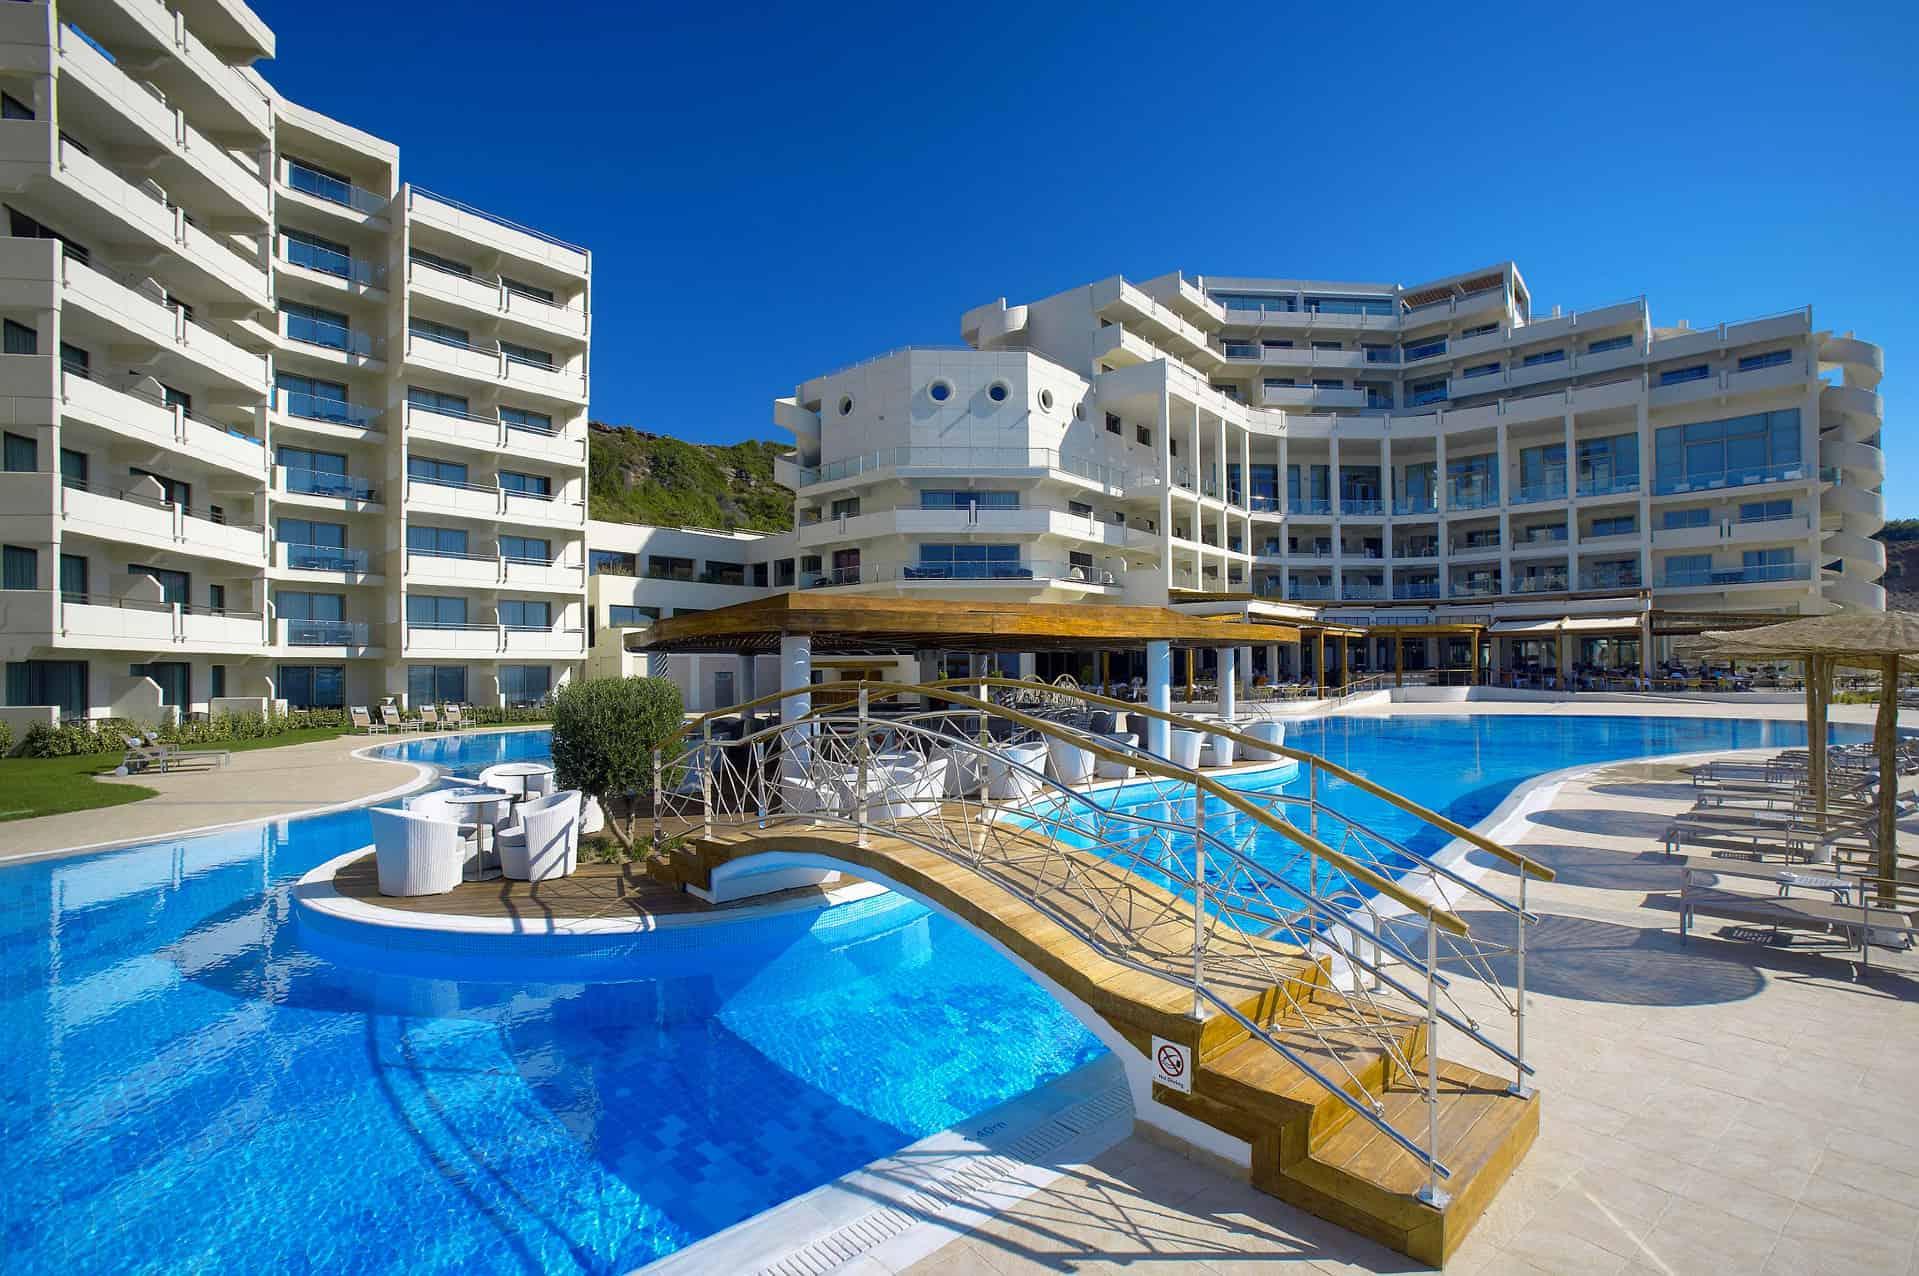 1 Woche Rhodos, Luxus Urlaub im 5 Sterne Resort, HP, und Flüge für CHF 830.- p.P